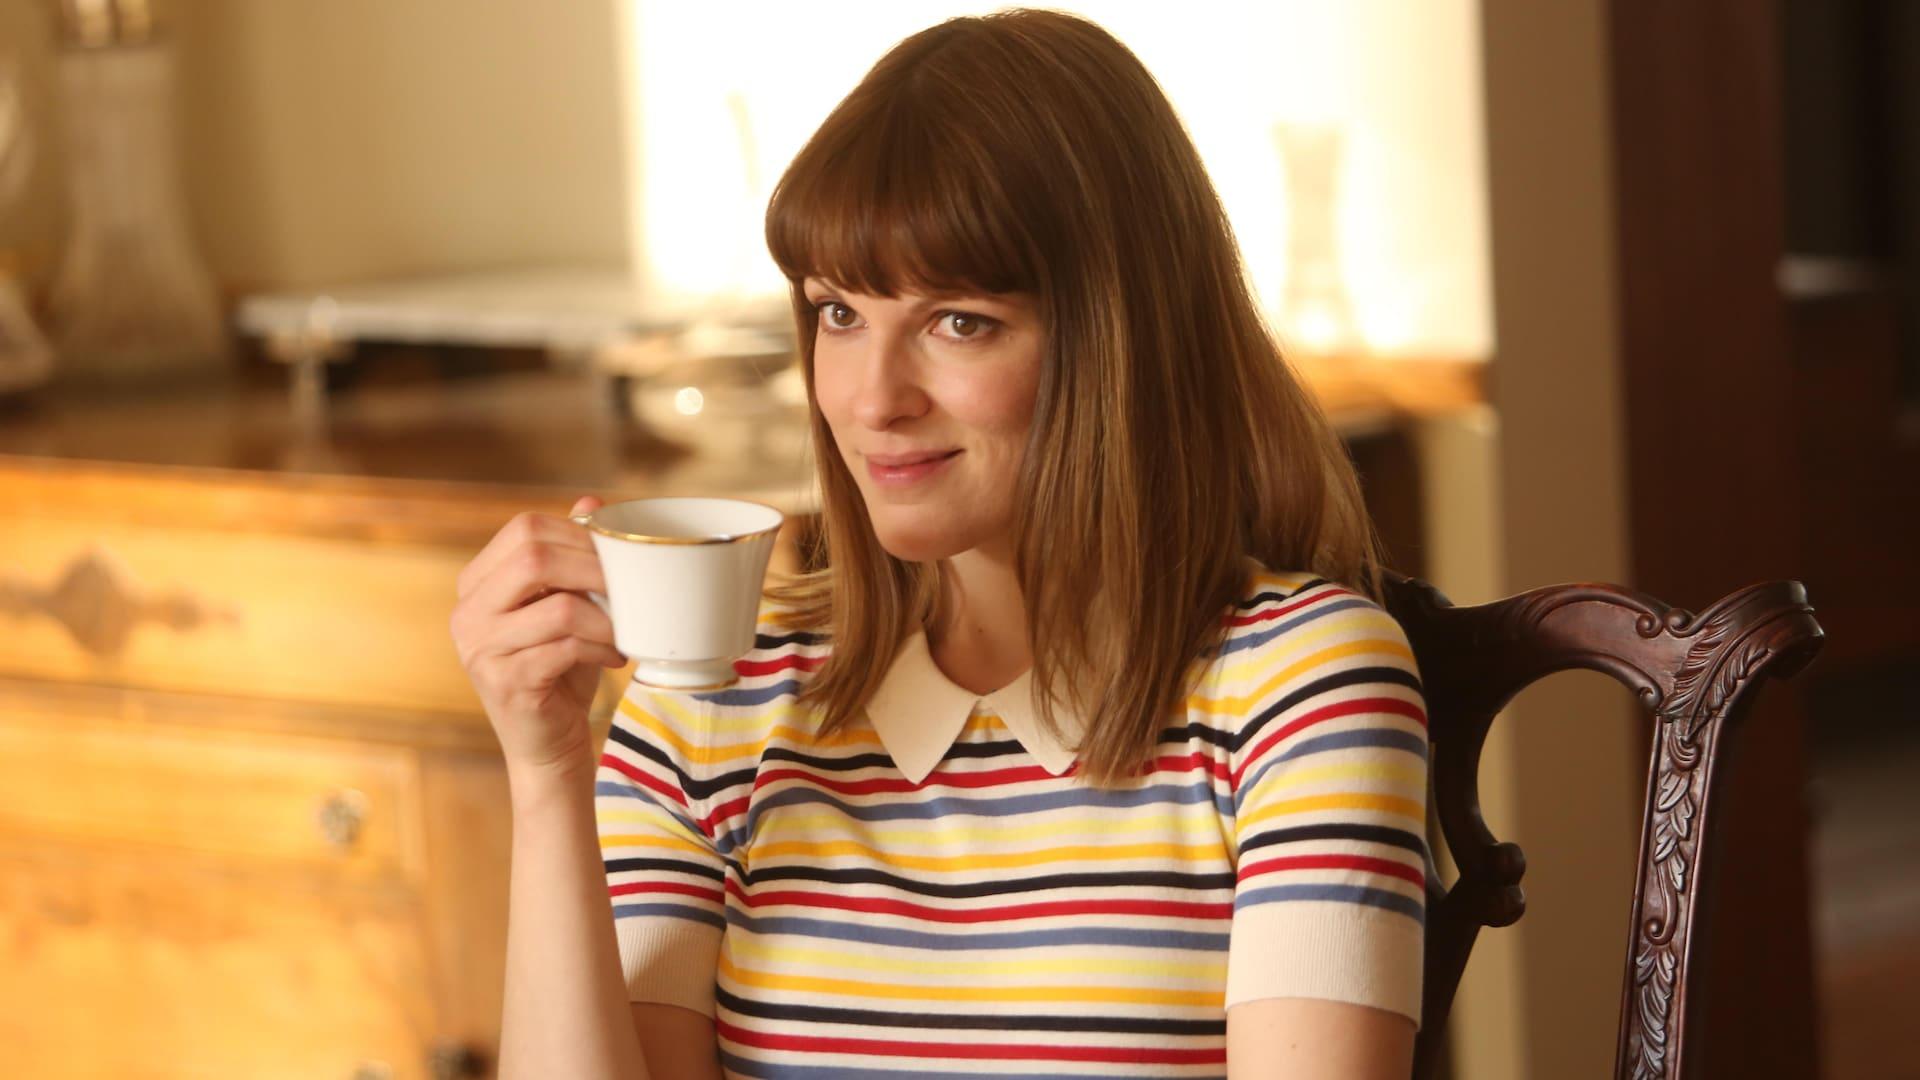 Elle boit du thé. Elle porte un chandail rayé en couleur.